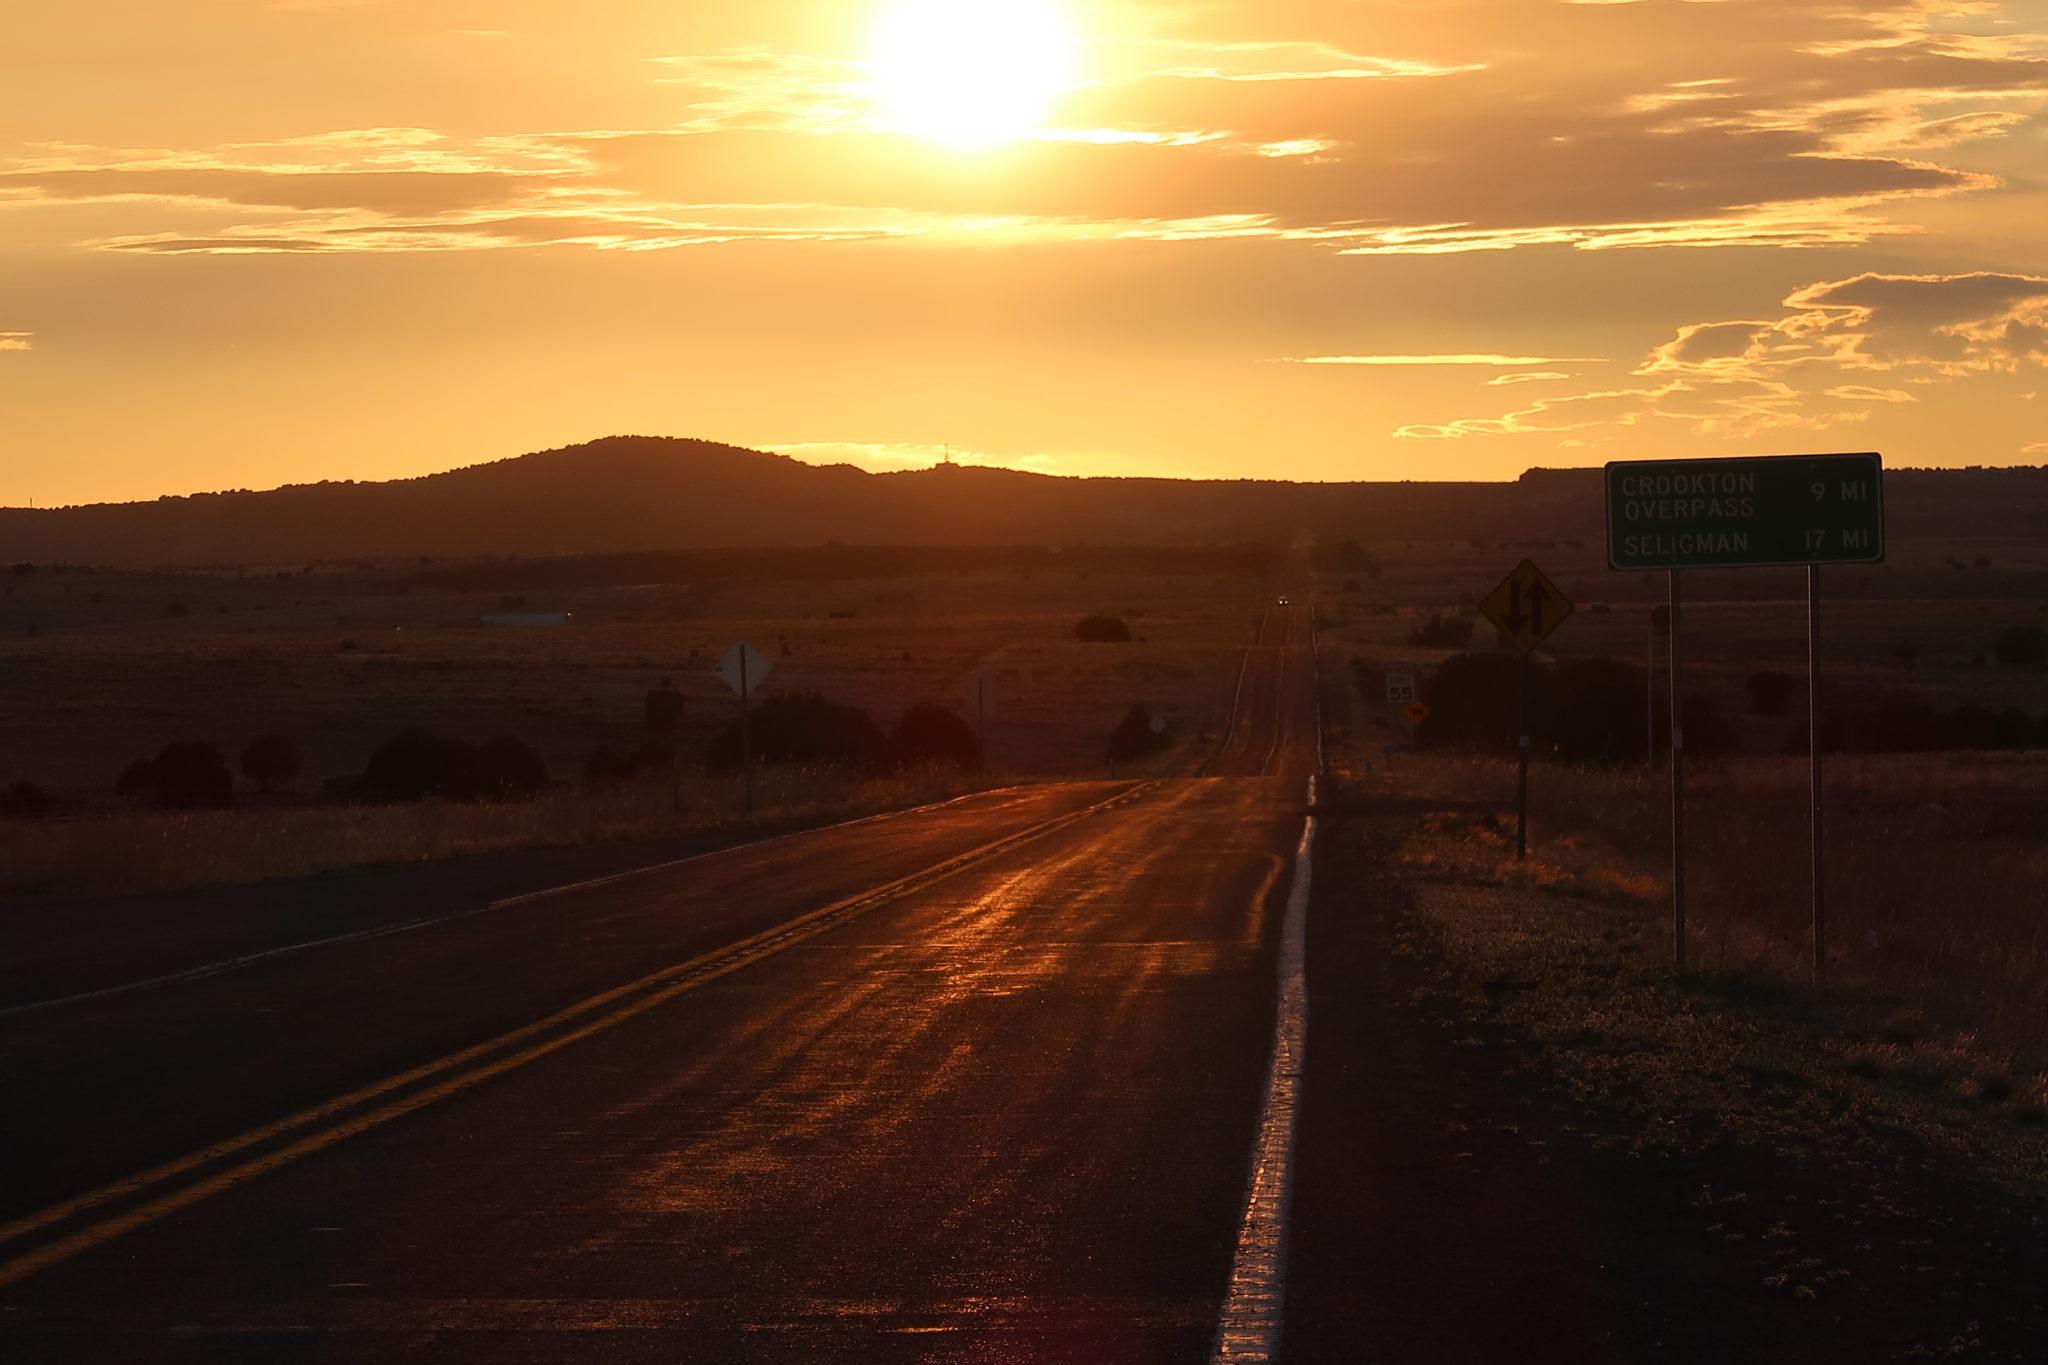 route-66-coucher-de-soleil